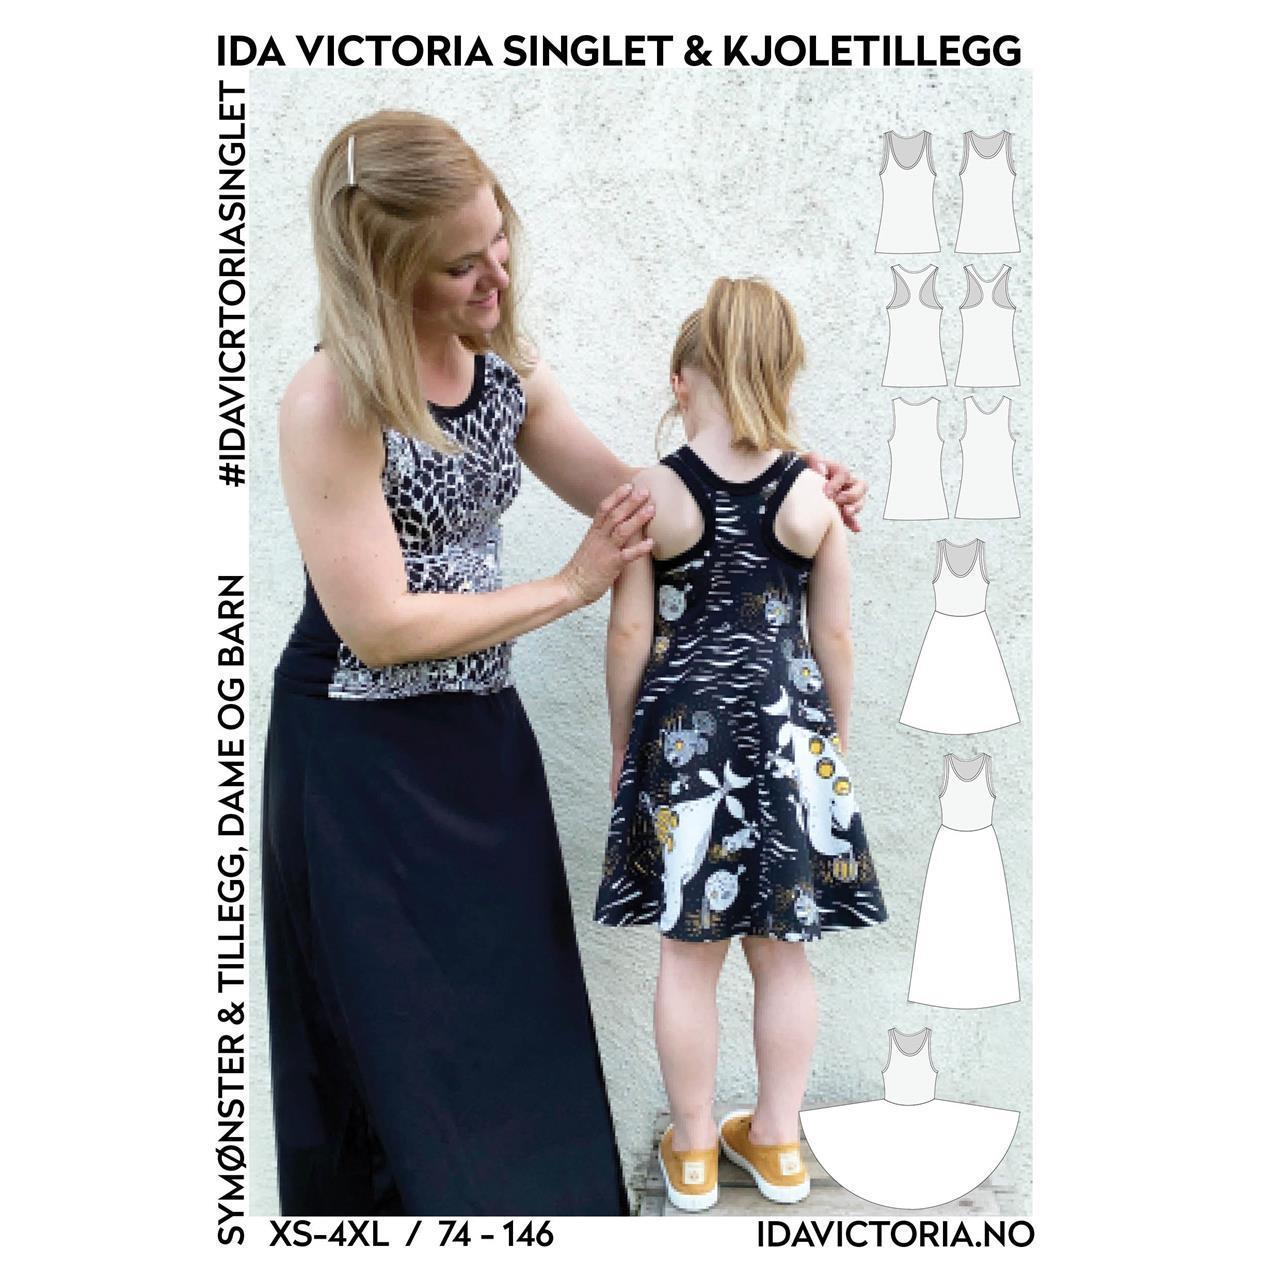 Ida Victoria singlet & kjoletillegg